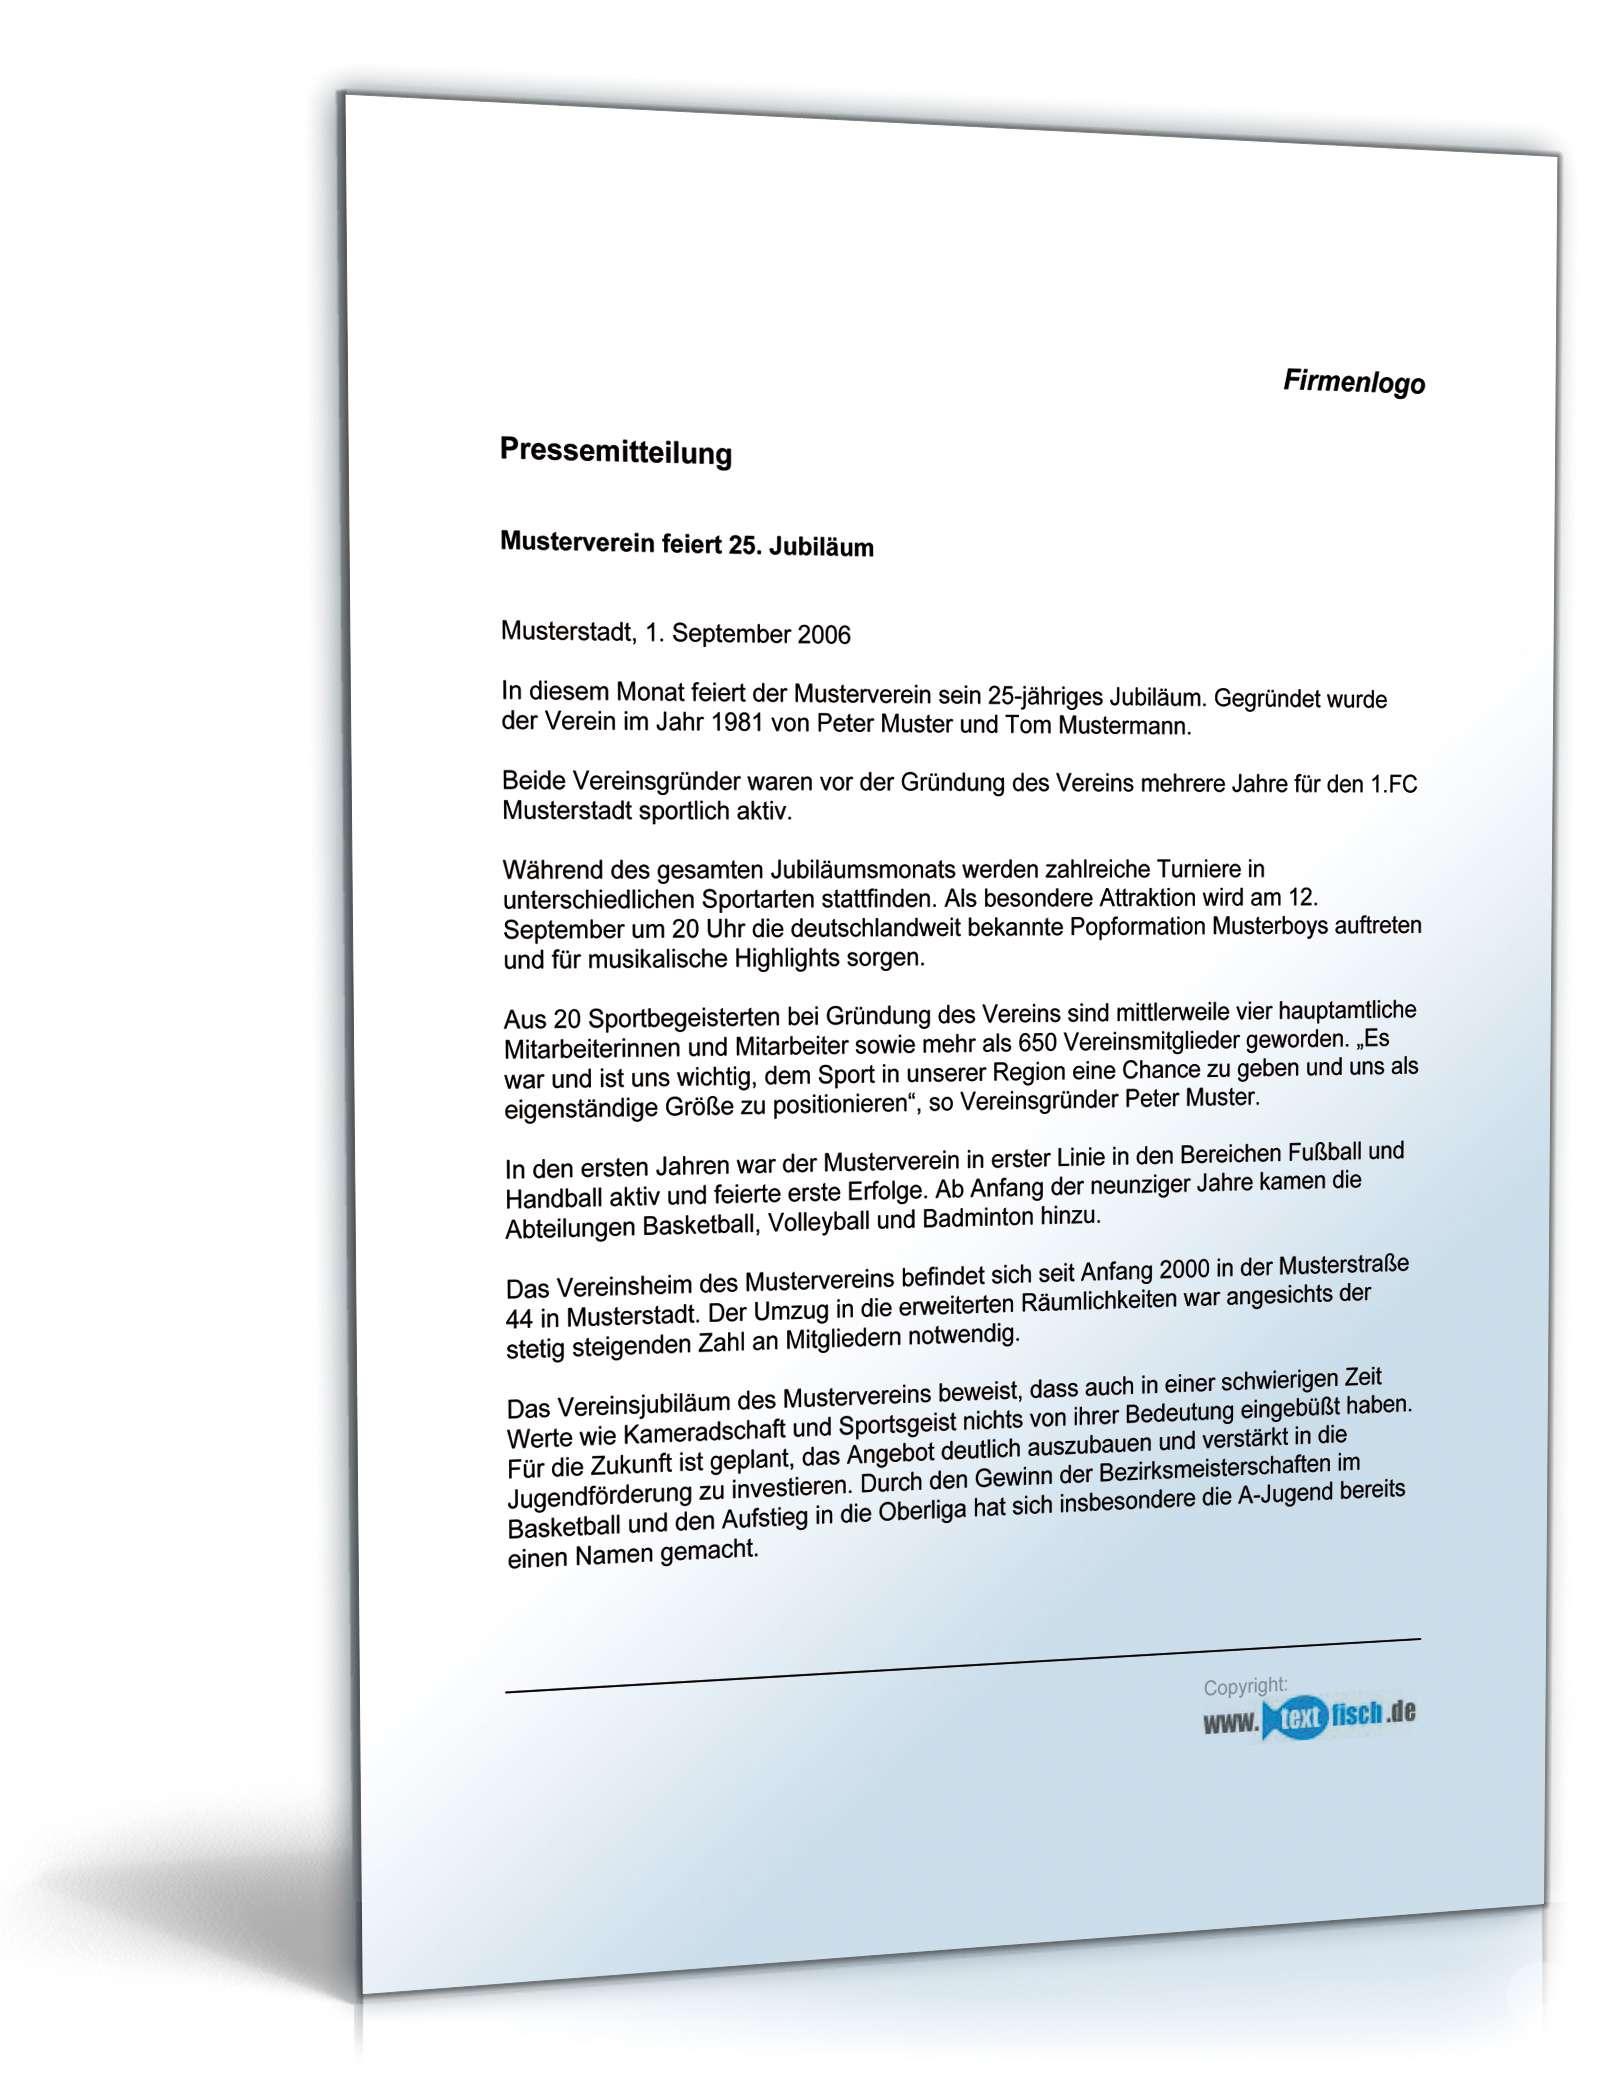 Pressemitteilung Jubiläum Sportverein   Muster zum Download